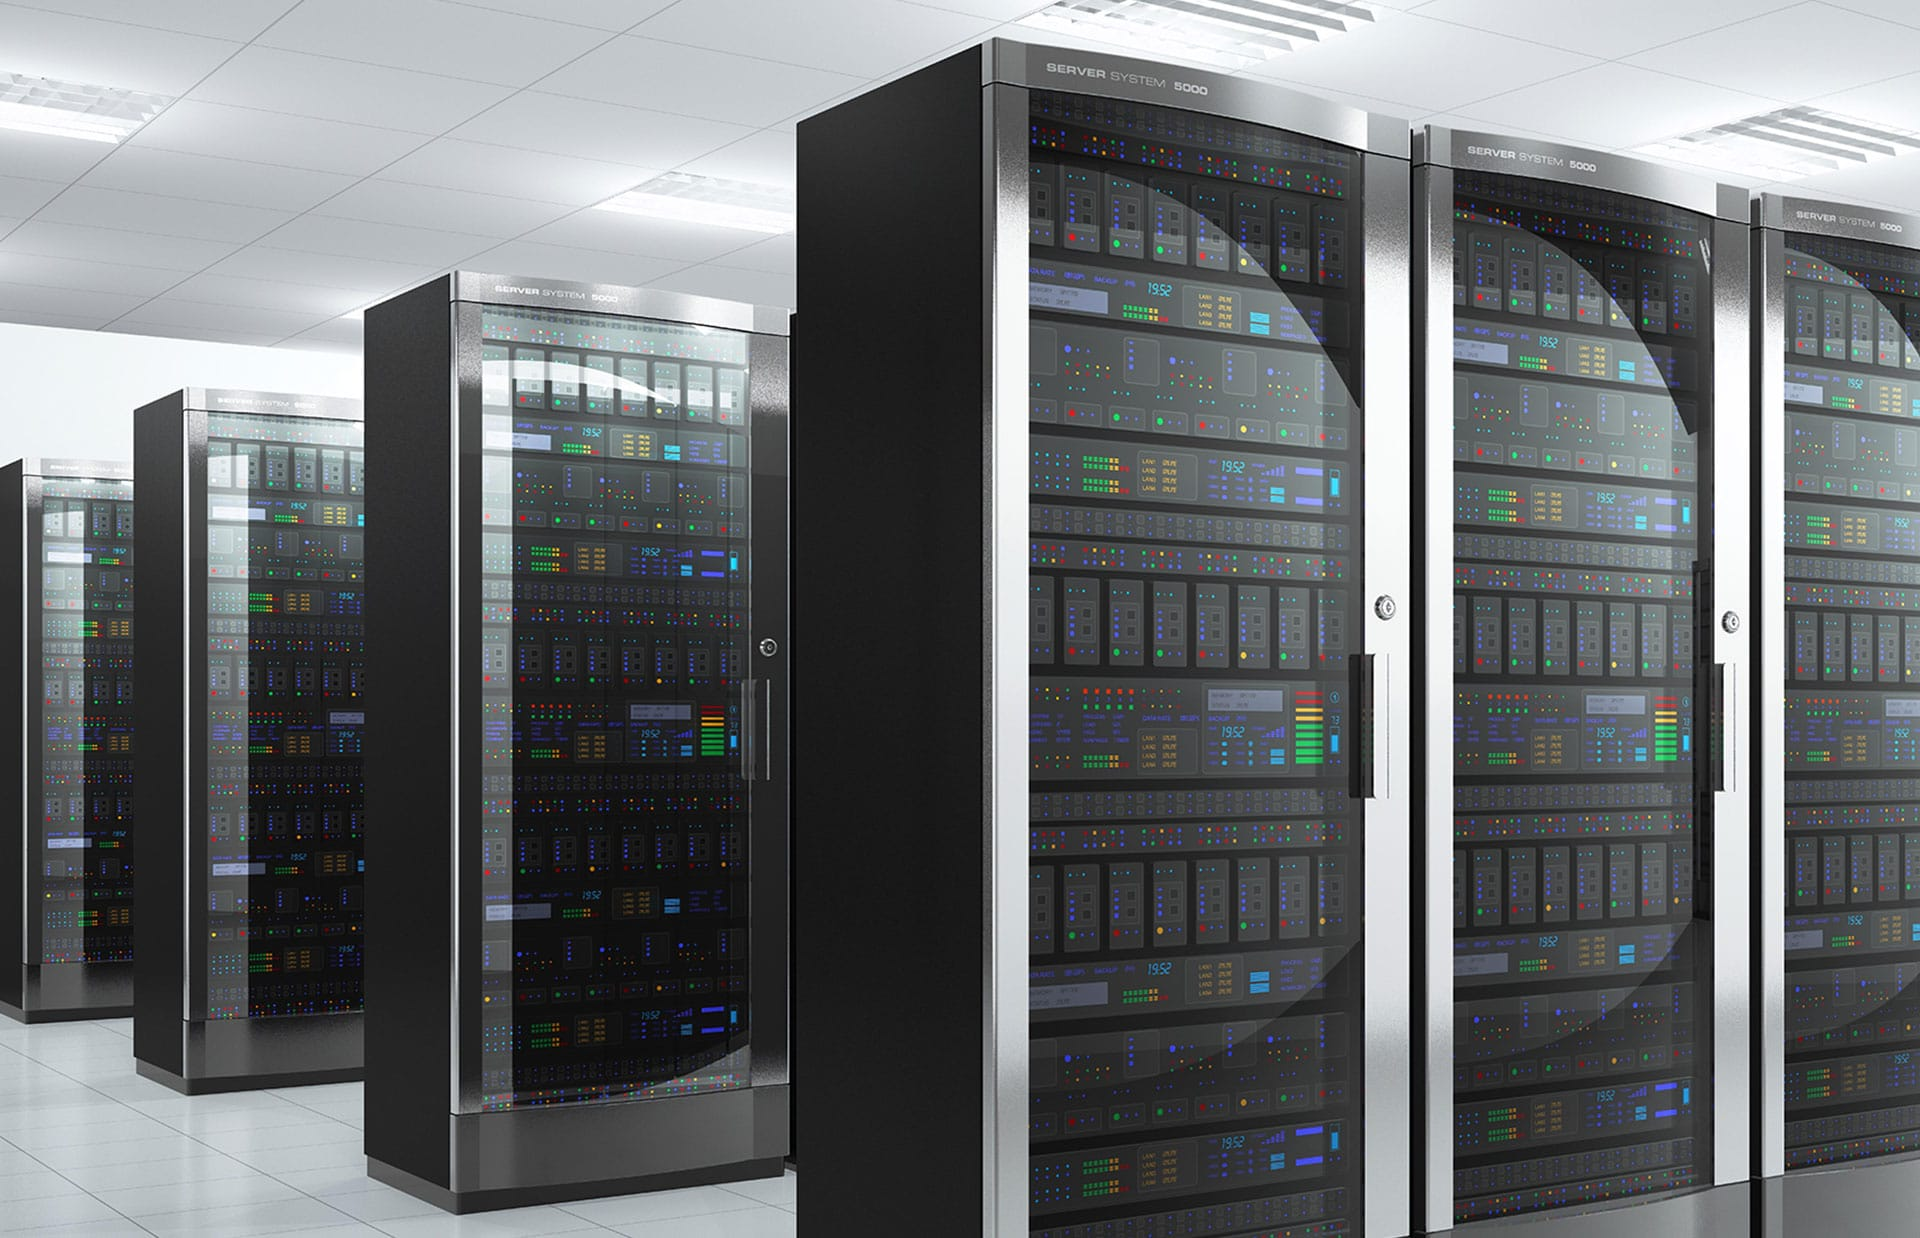 Server Room Facility